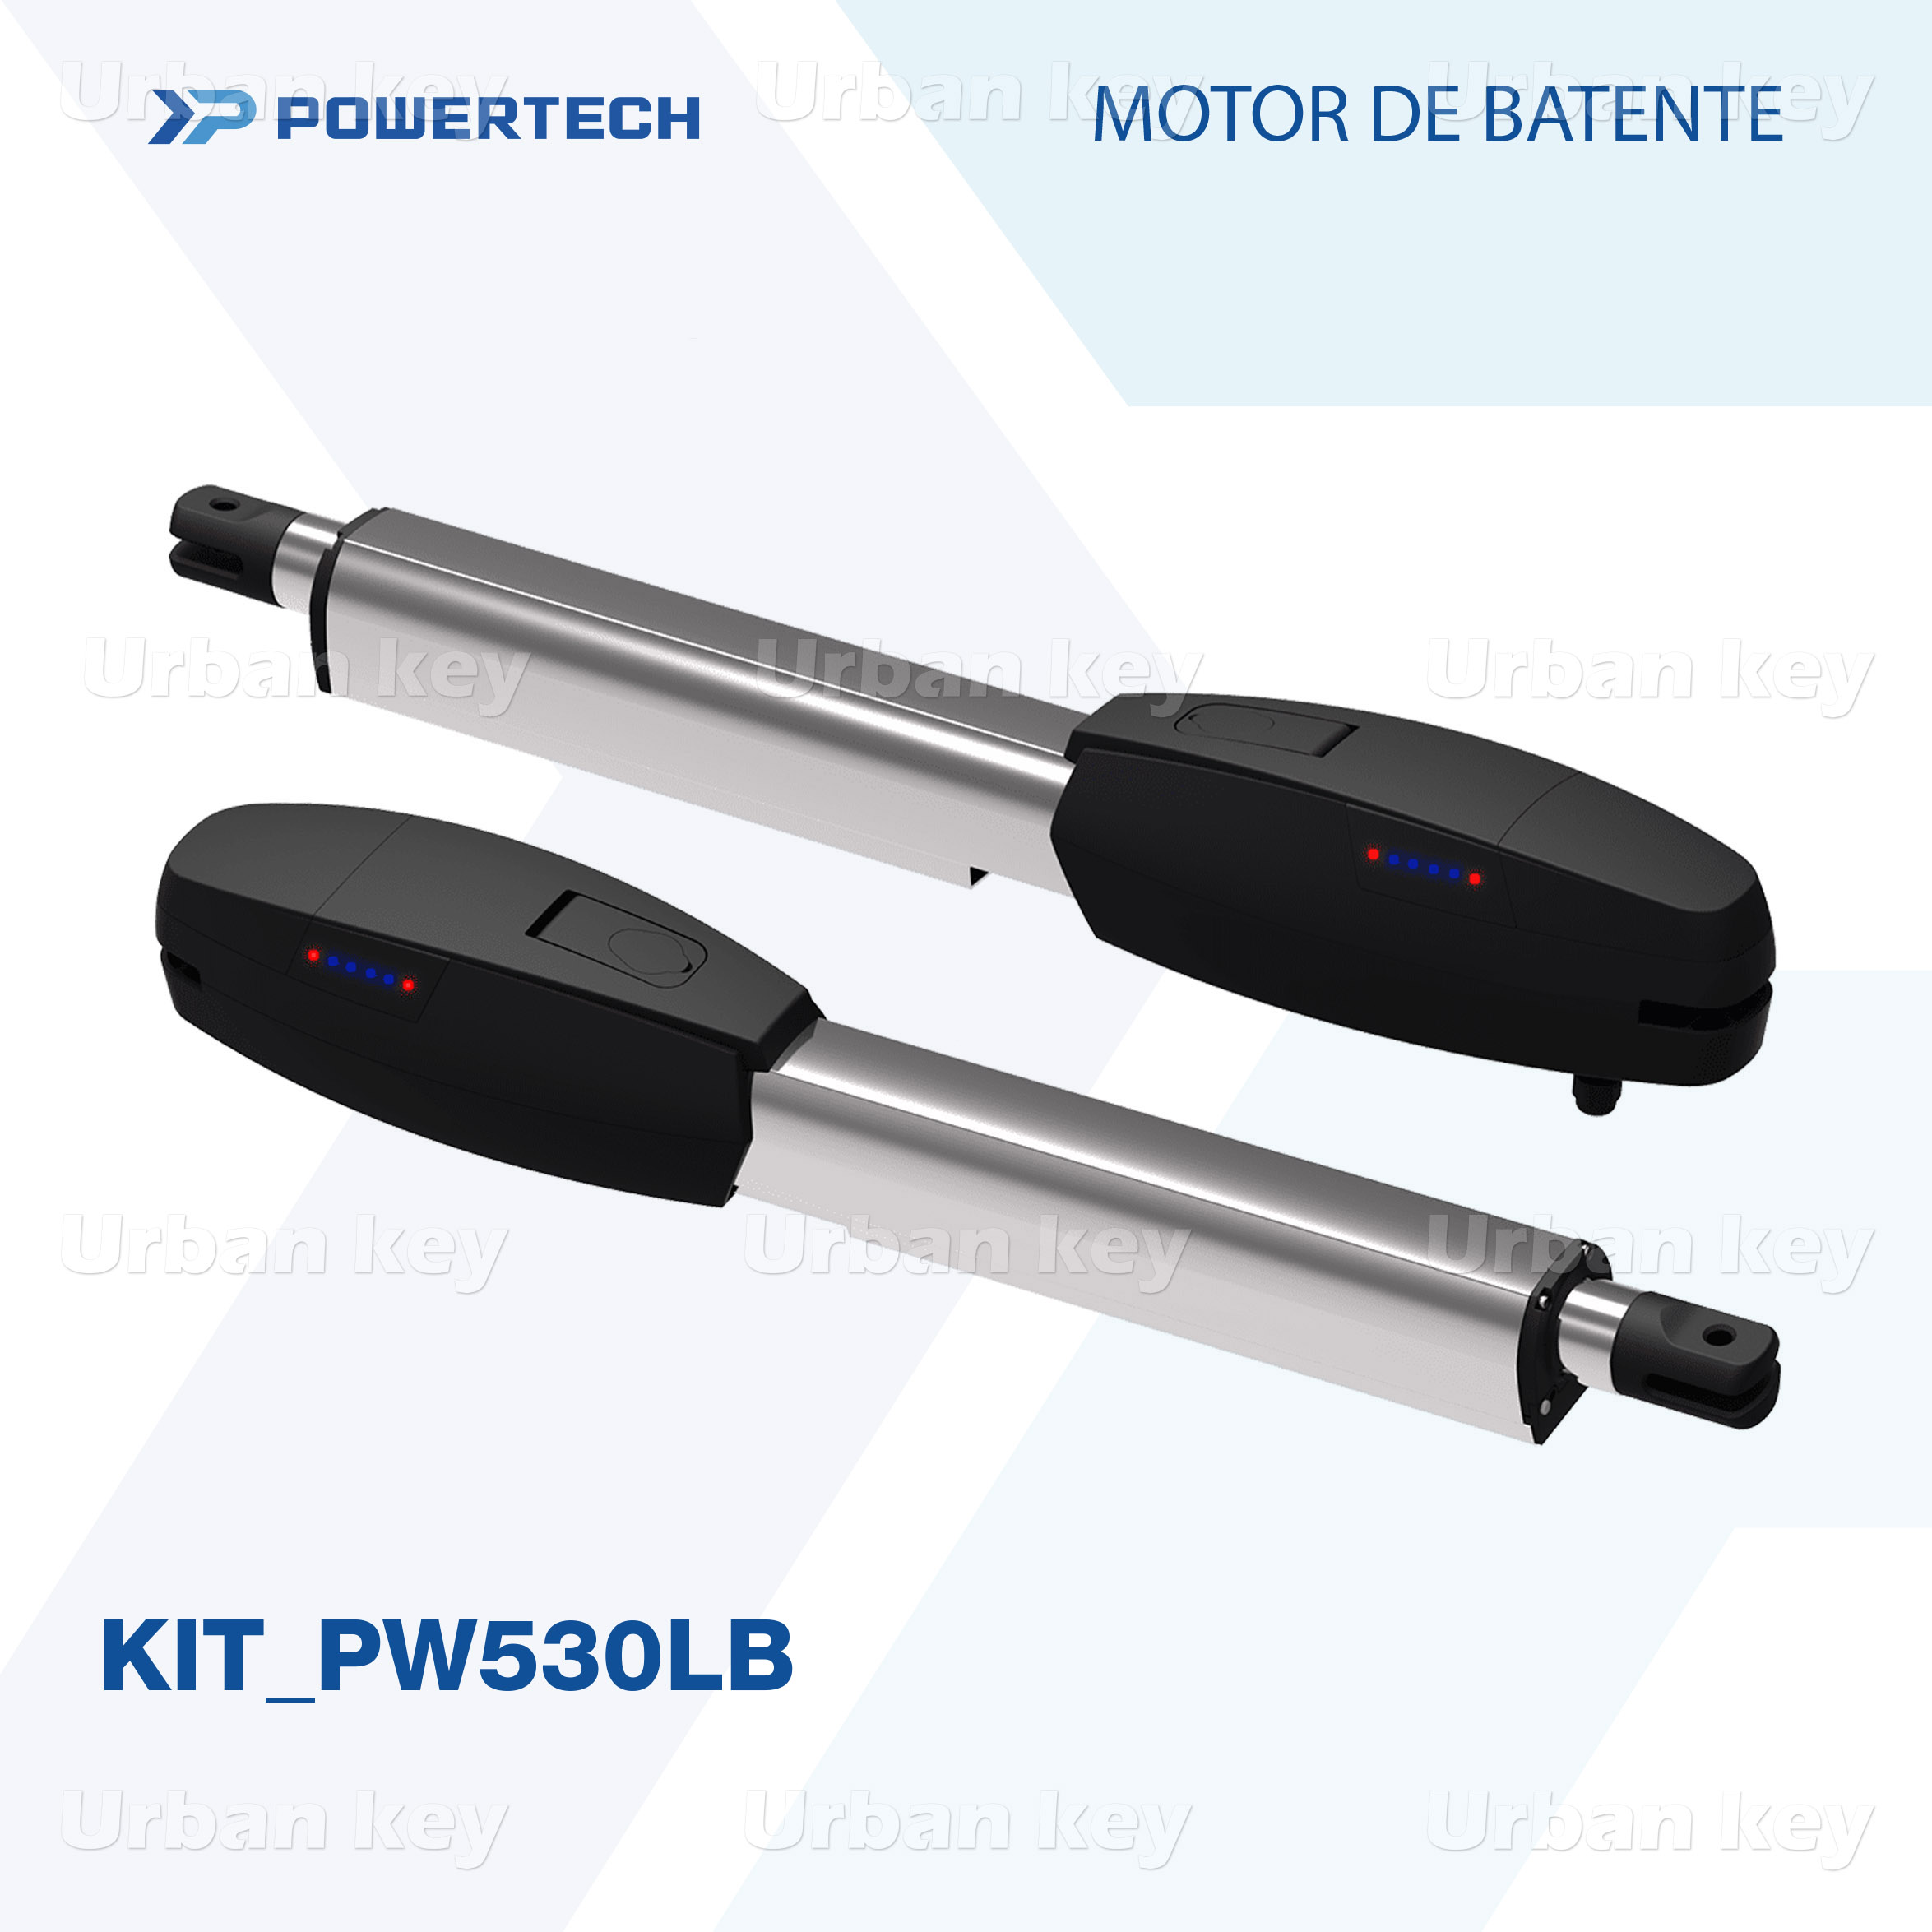 KIT BATENTE POWERTECH PW530LB 24V